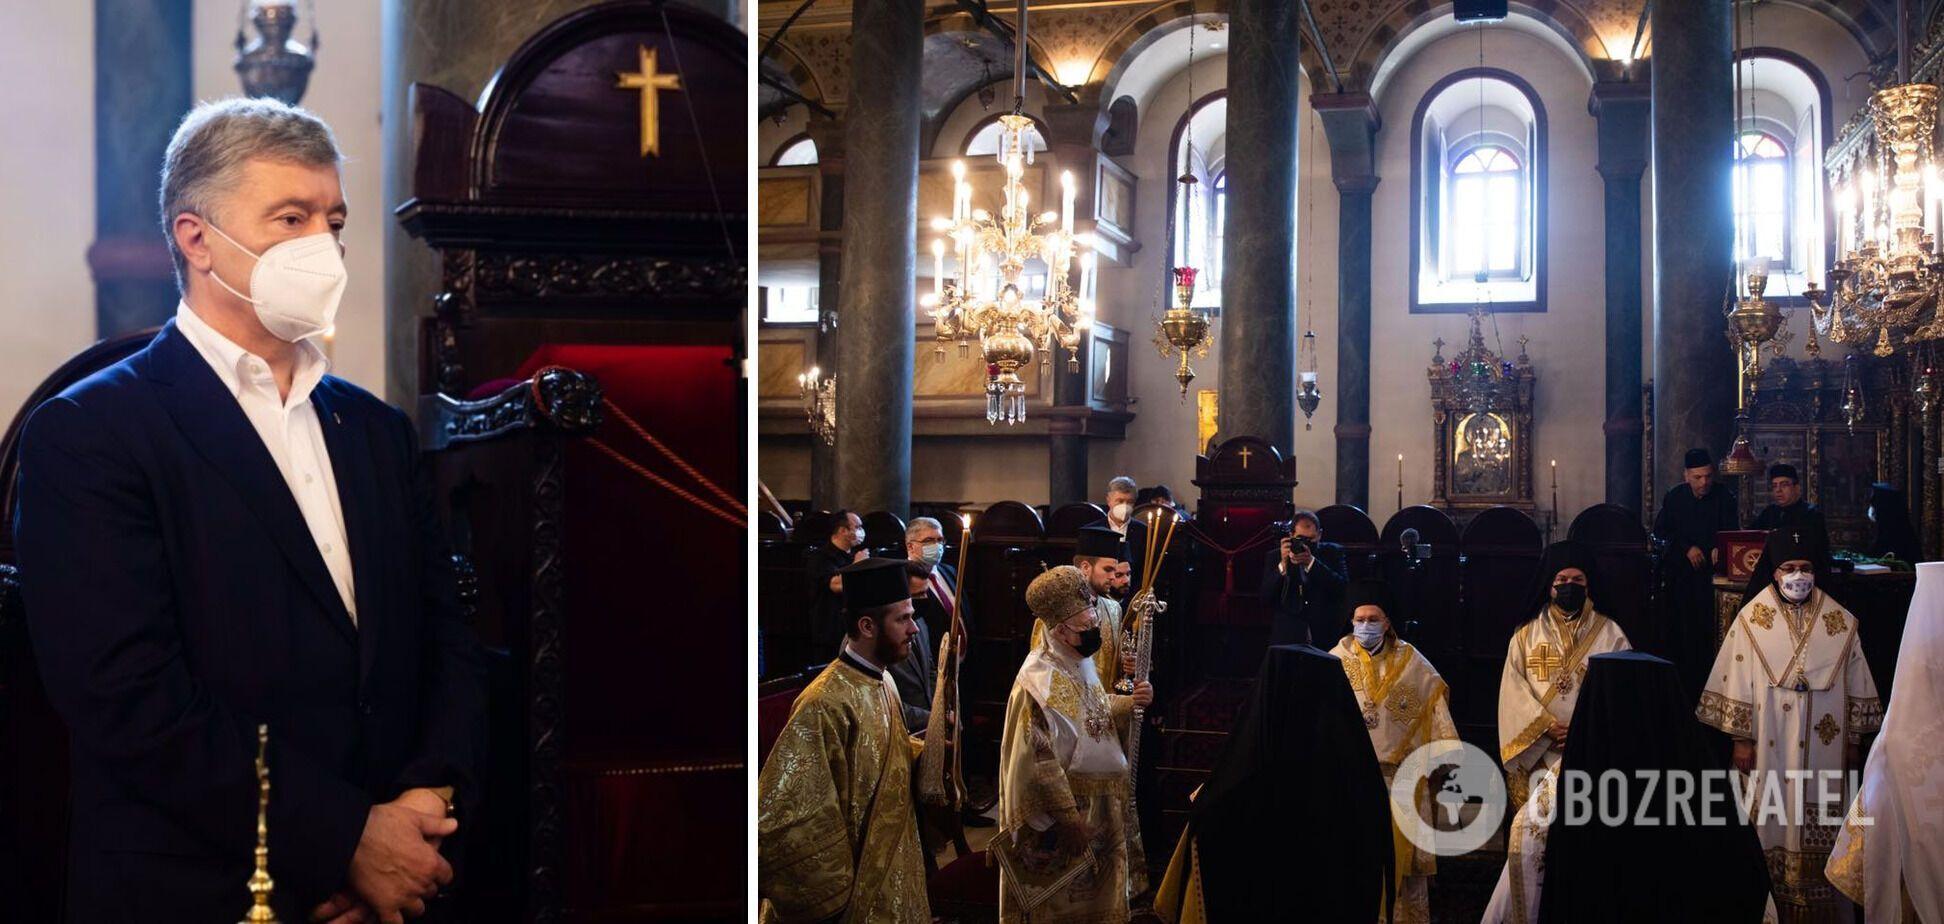 Порошенко взяв участь у літургії на Трійцю, яку очолив Патріарх Варфоломій. Фото